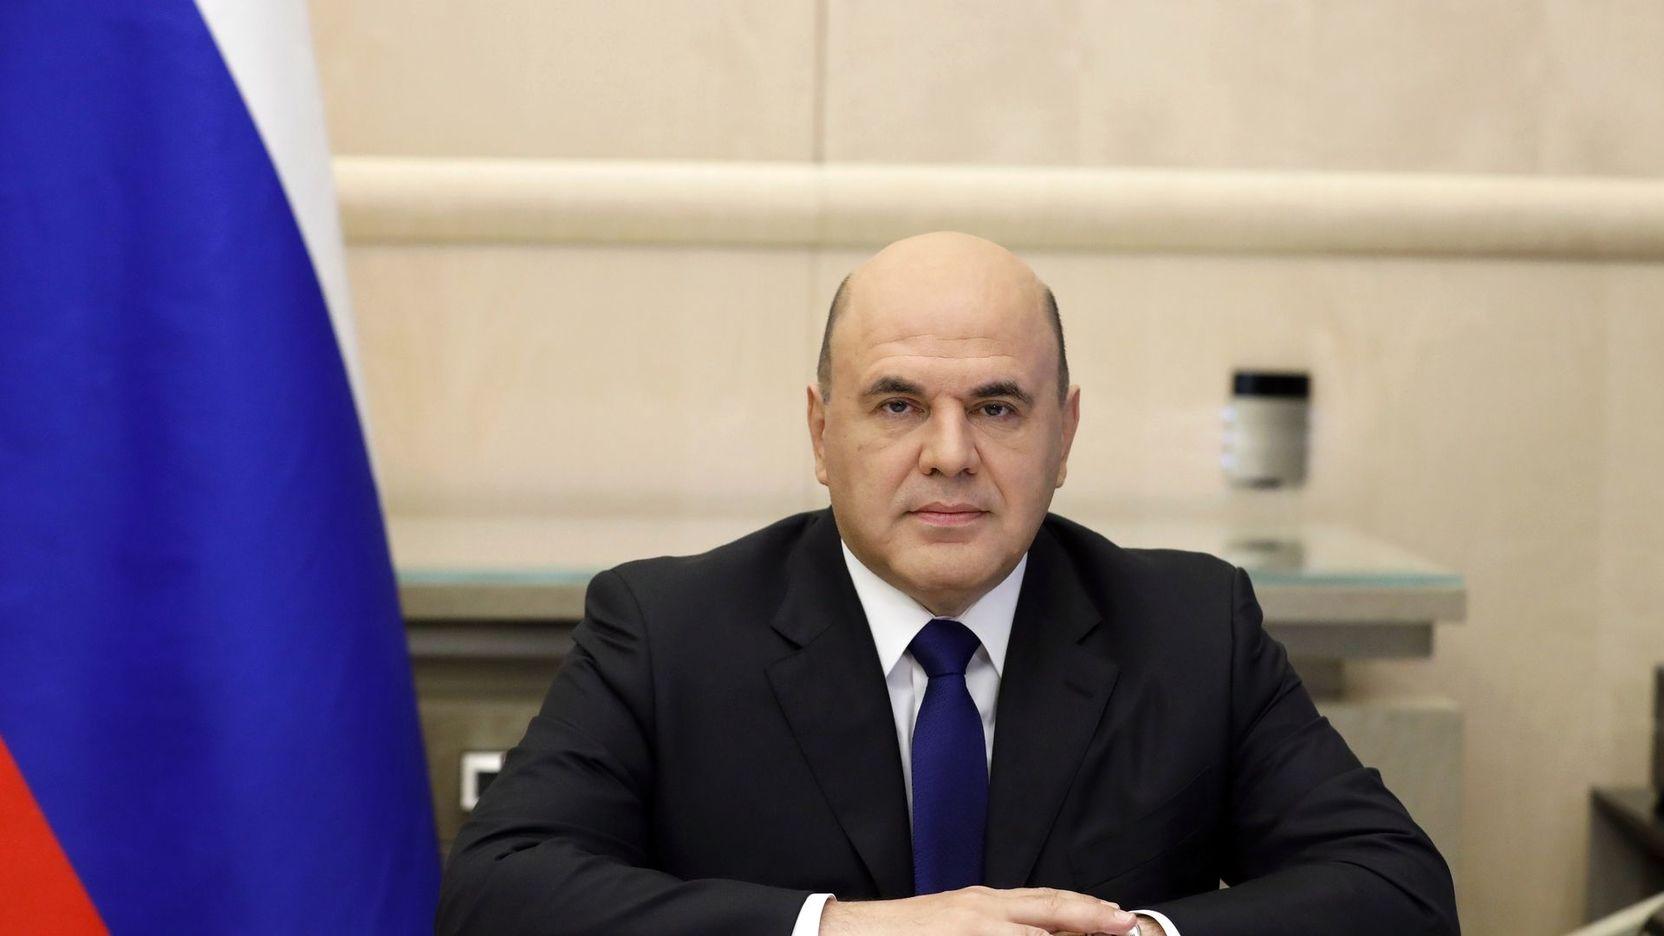 Мишустин и премьер-министр Азербайджана проведут встречу в Москве